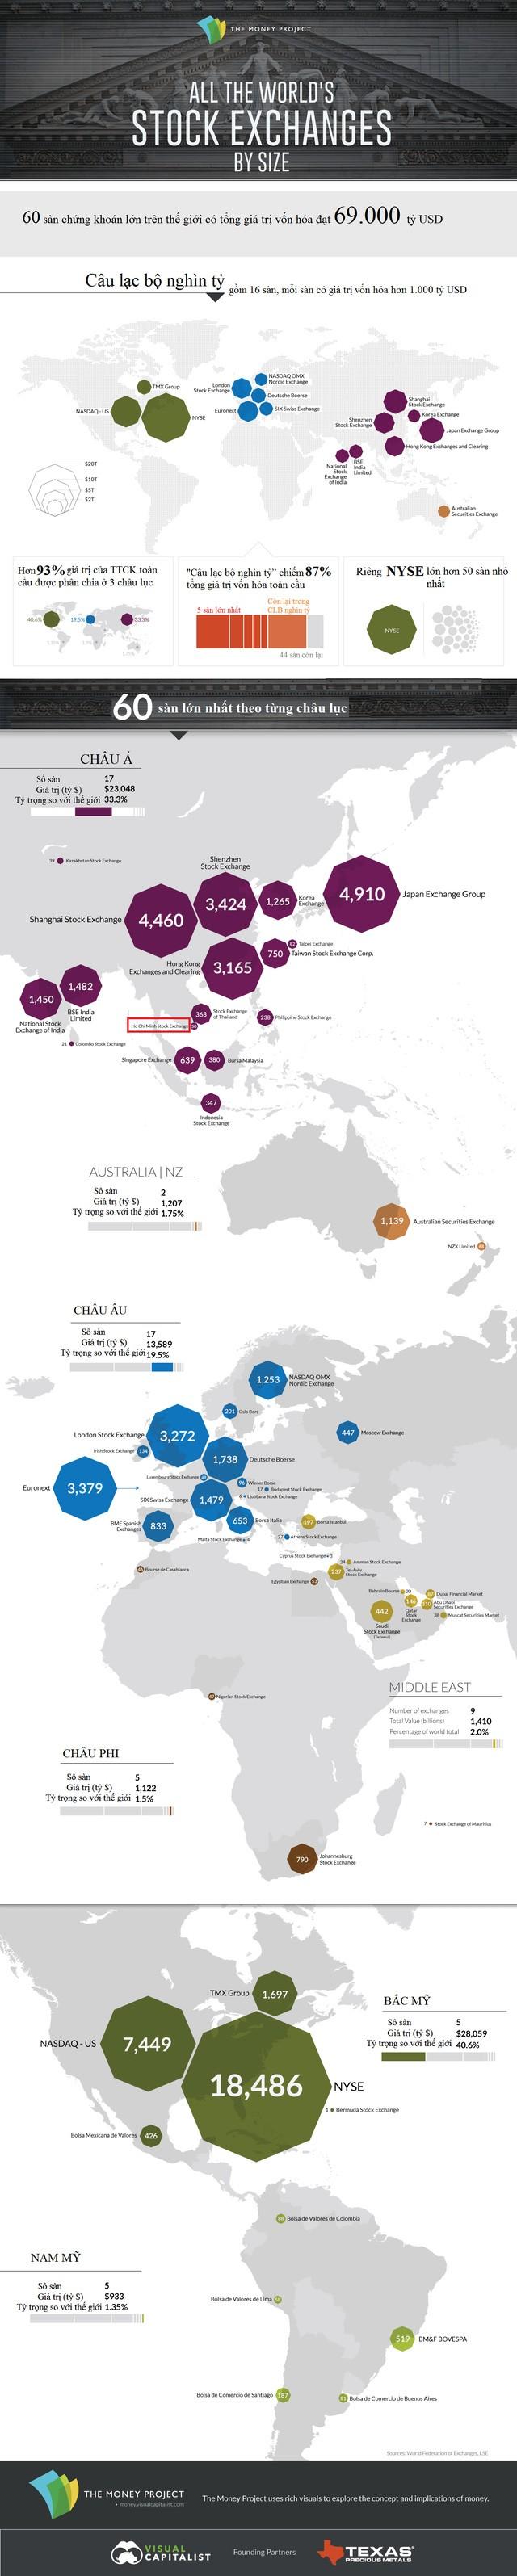 Việt Nam ở đâu trên bản đồ chứng khoán thế giới?